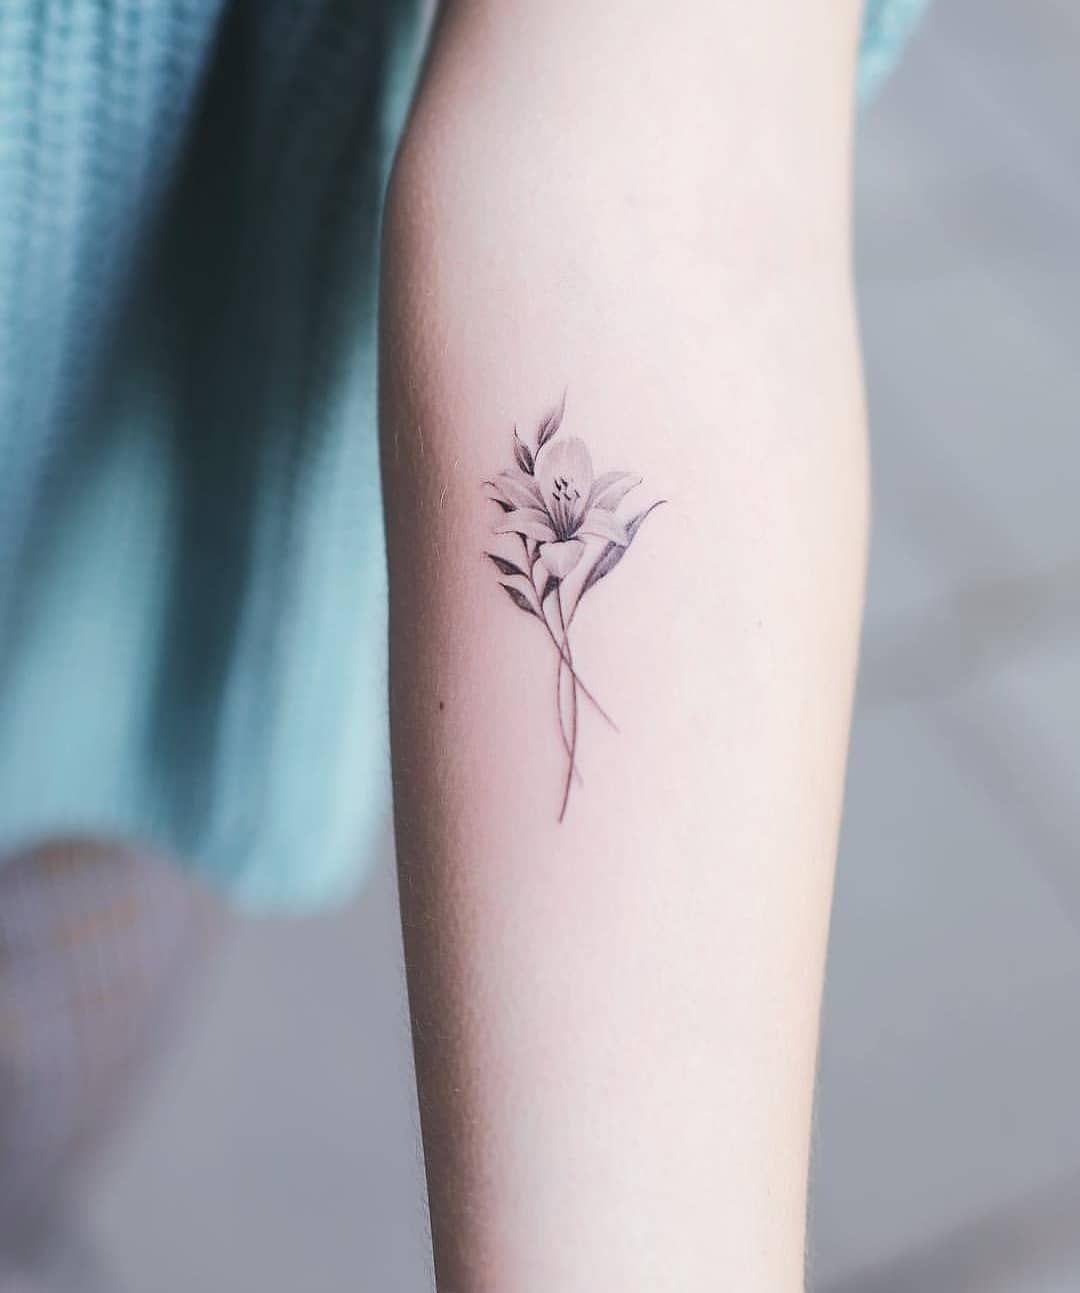 Tattoo Inkspiration On Instagram Nandotattooer Jasmine Tattoo Jasmine Flower Tattoos Small Lily Tattoo